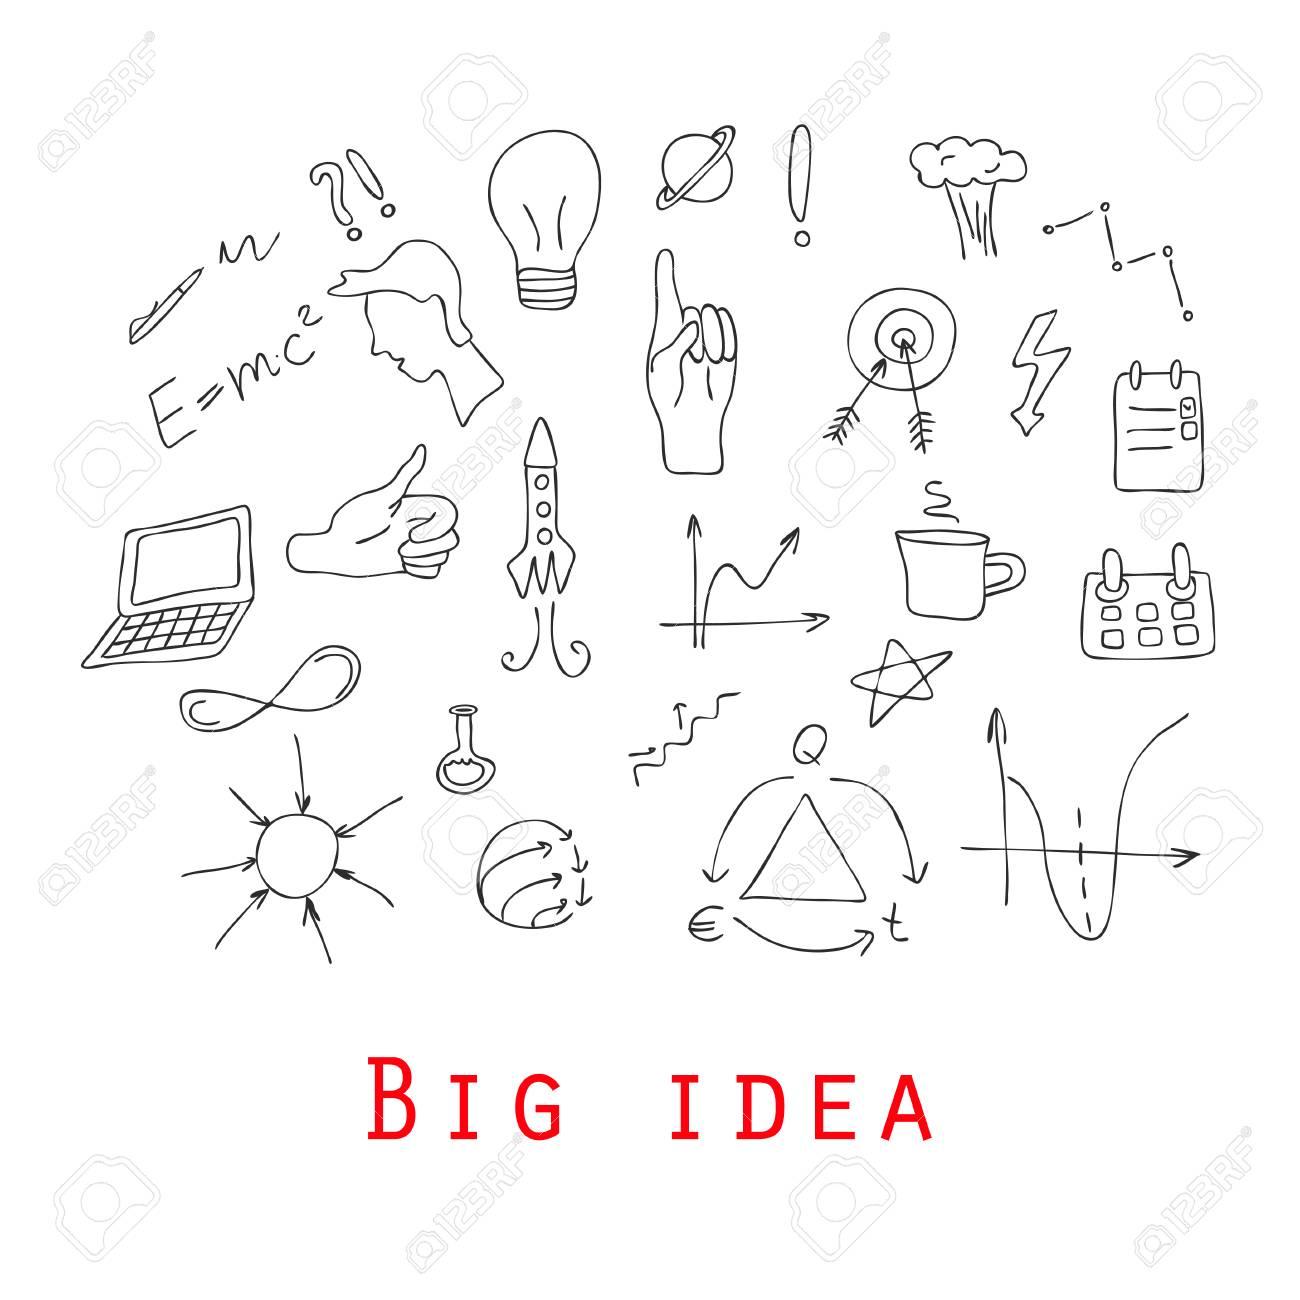 Doodle Design Stil Konzept Der Großen Idee, Finden Lösung, Brainstorming,  Kreatives